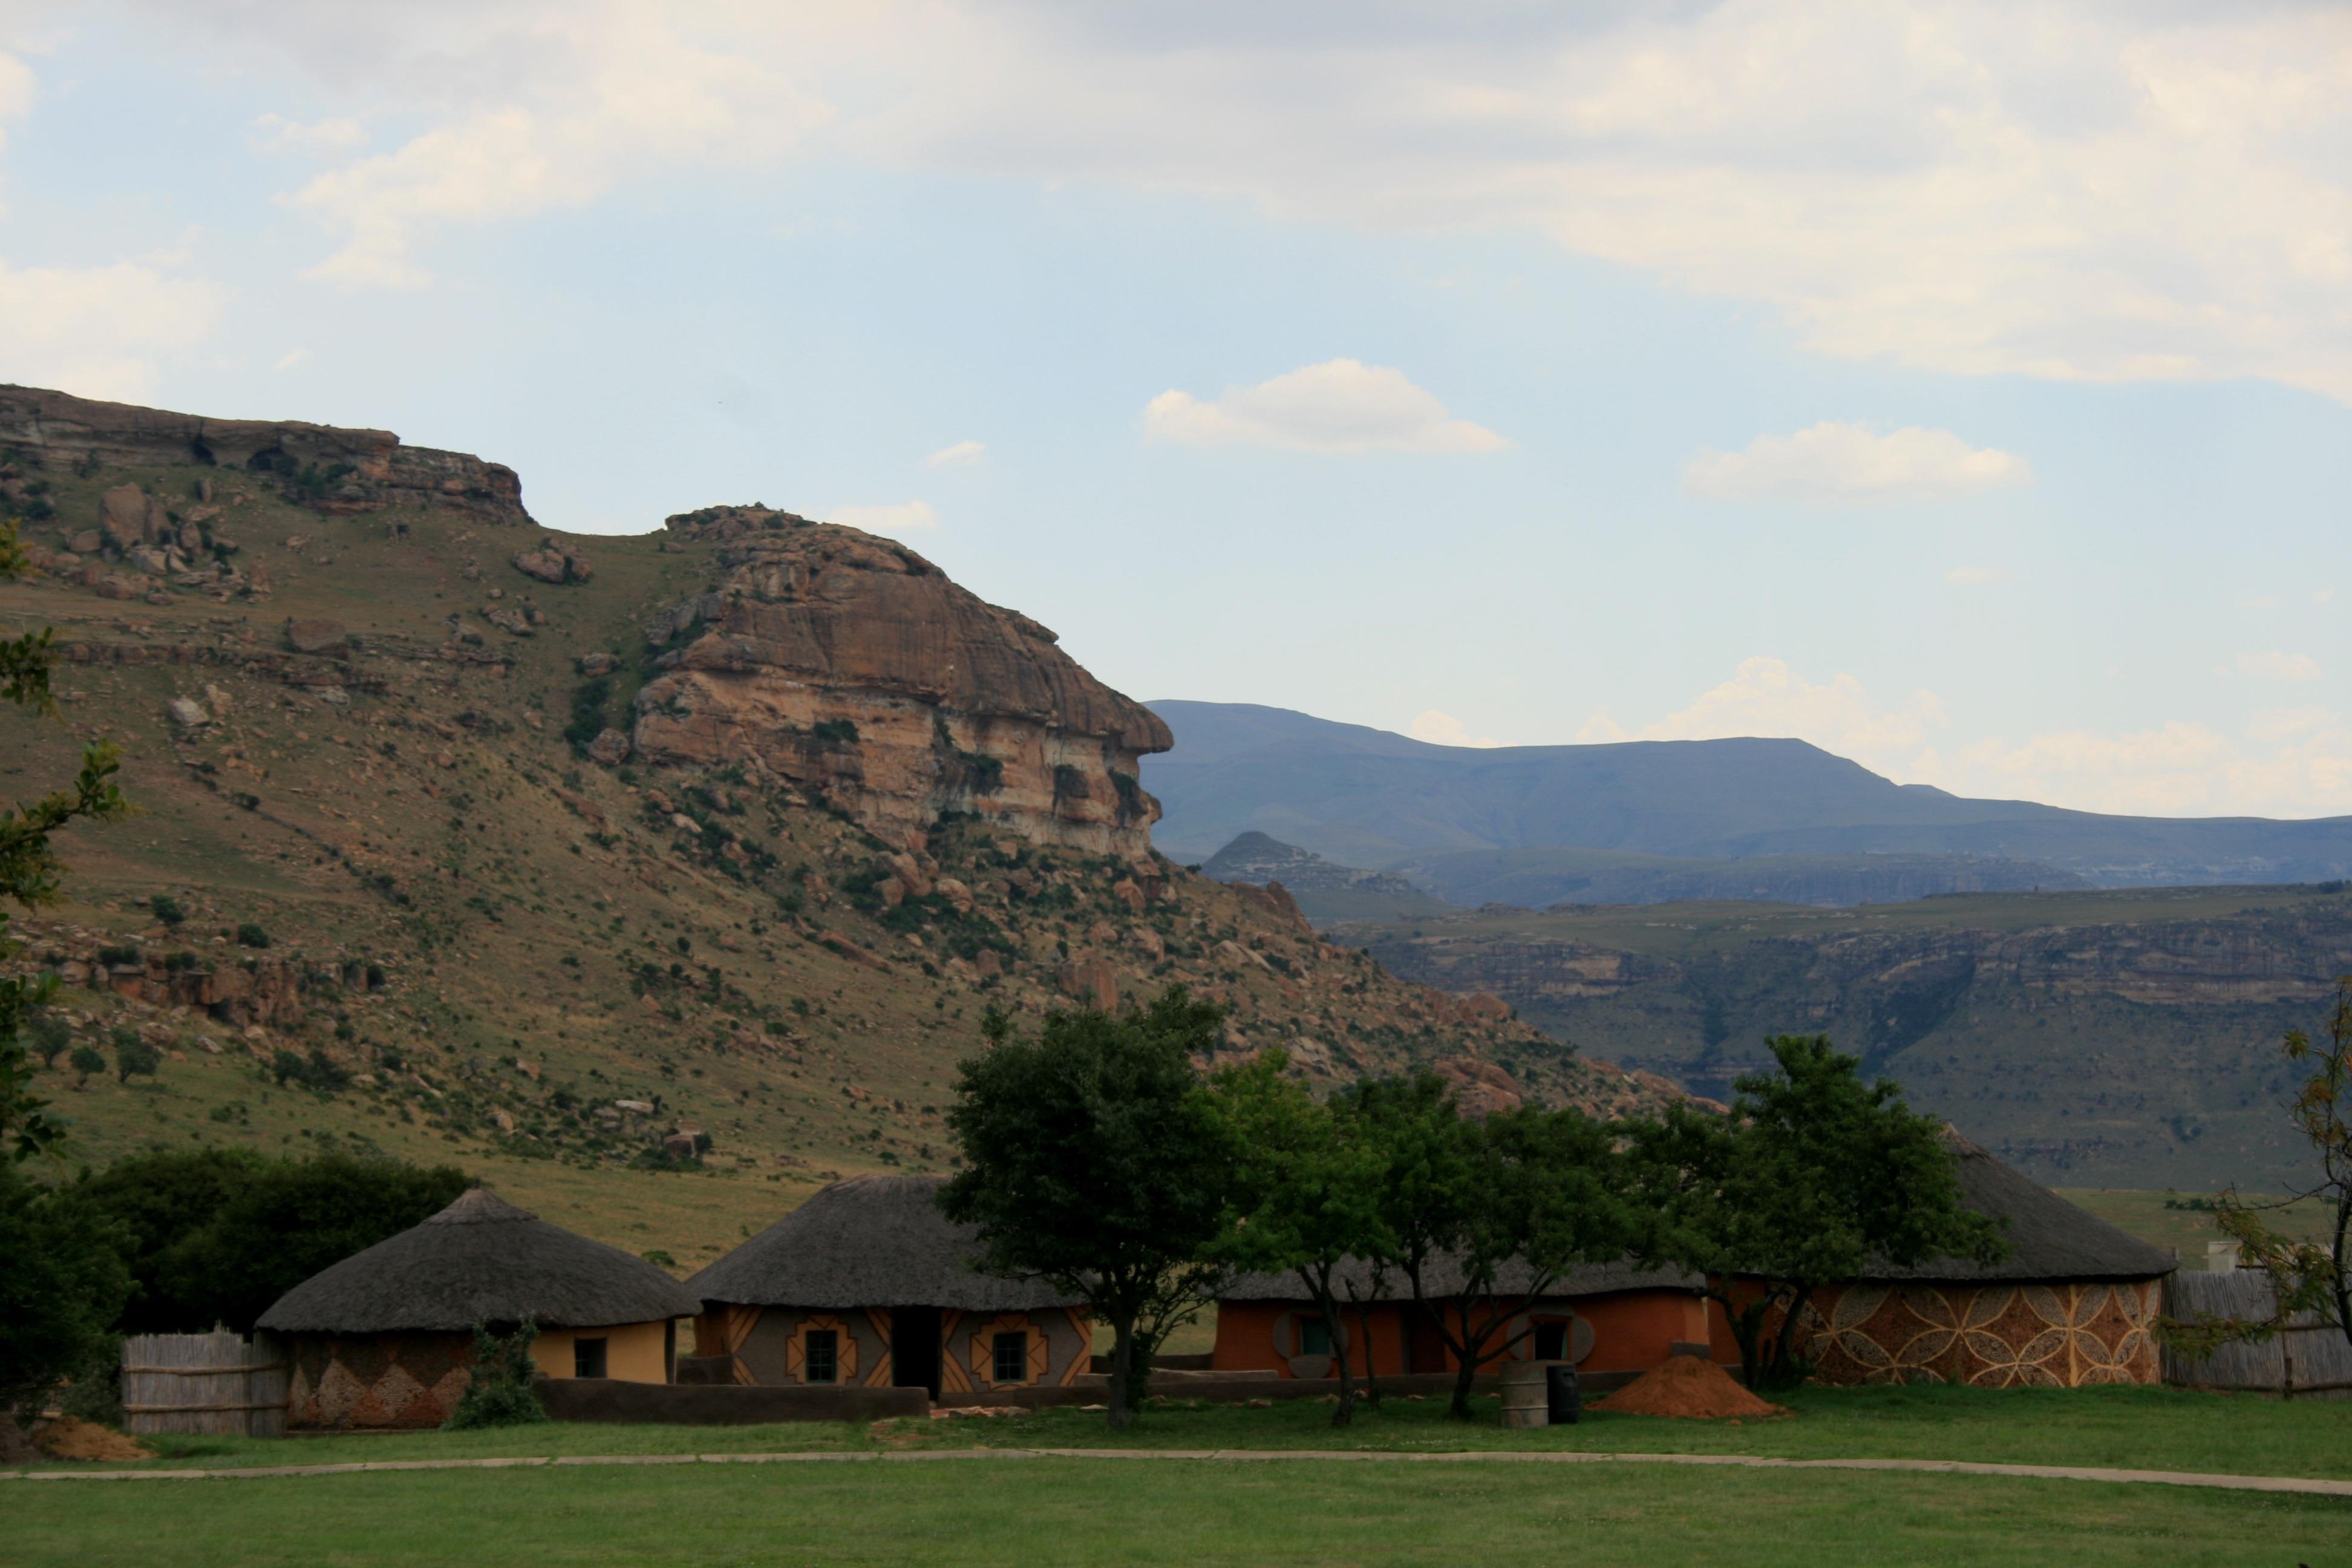 Gambar Pemandangan Gunung Bukit Danau Lembah